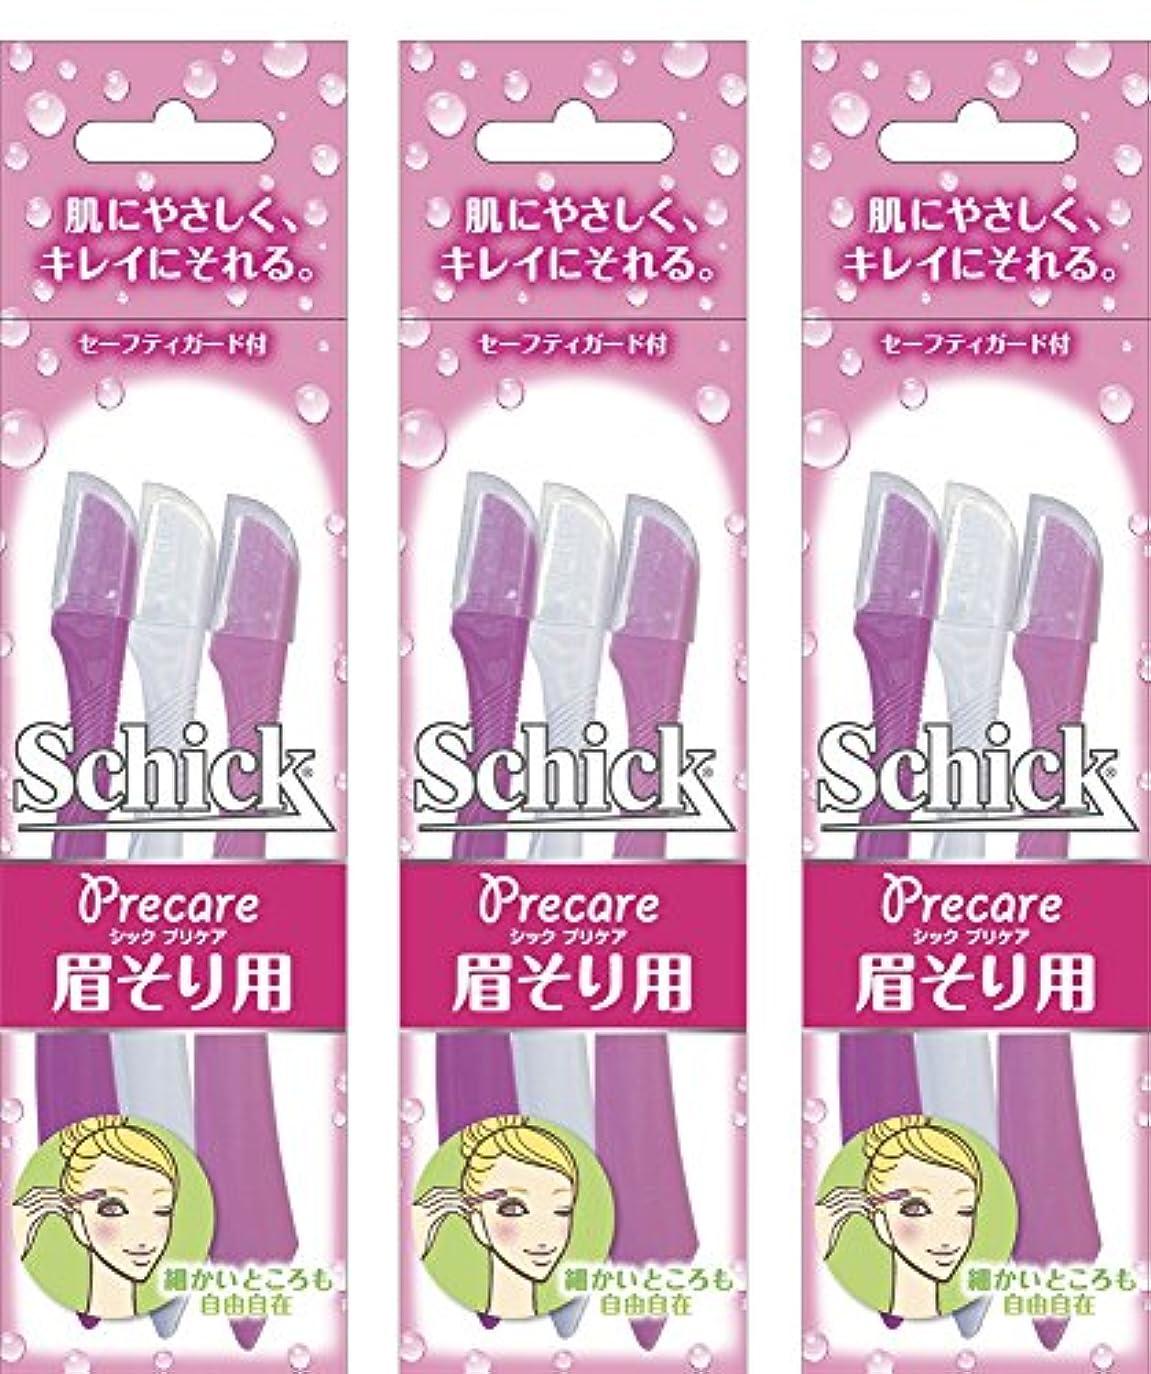 応援する側レクリエーションシック Schick Lディスポ 使い捨て 眉そり用 (3本入)×3個 セーフィガード付 女性 カミソリ フェイス